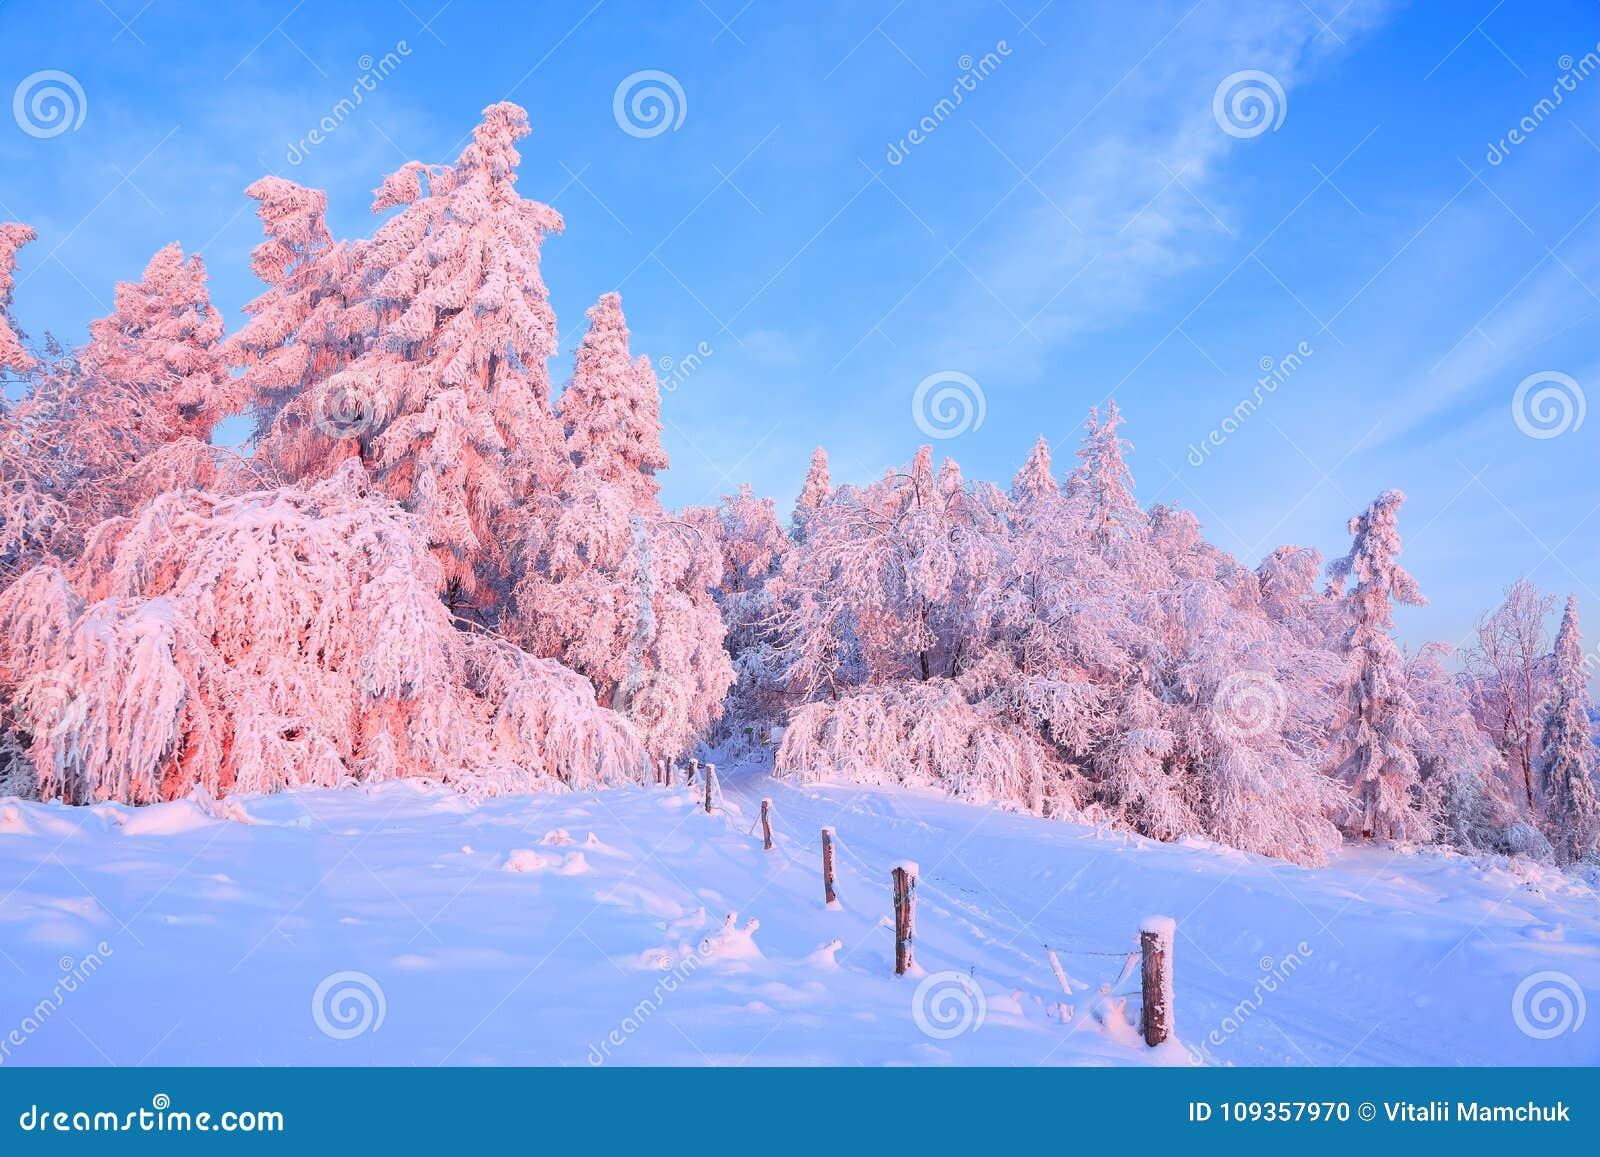 Gli alberi torti piacevoli coperti di strato spesso della neve chiariscono il tramonto colorato rosa nel bello giorno di inverno